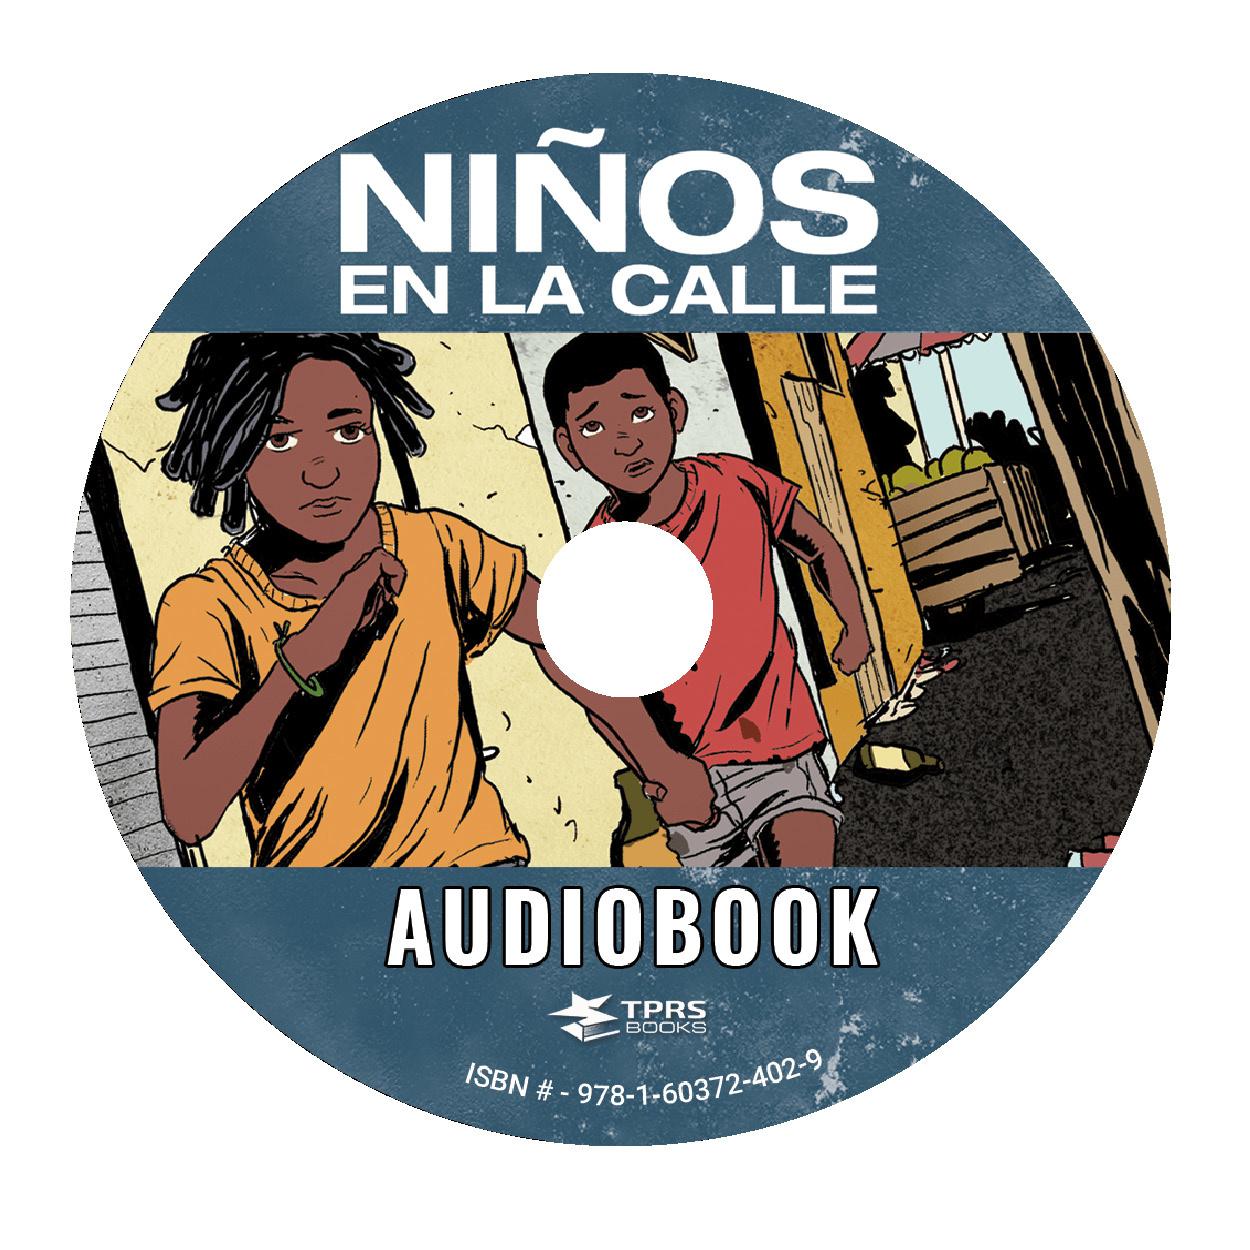 Niños en la calle - Luisterboek